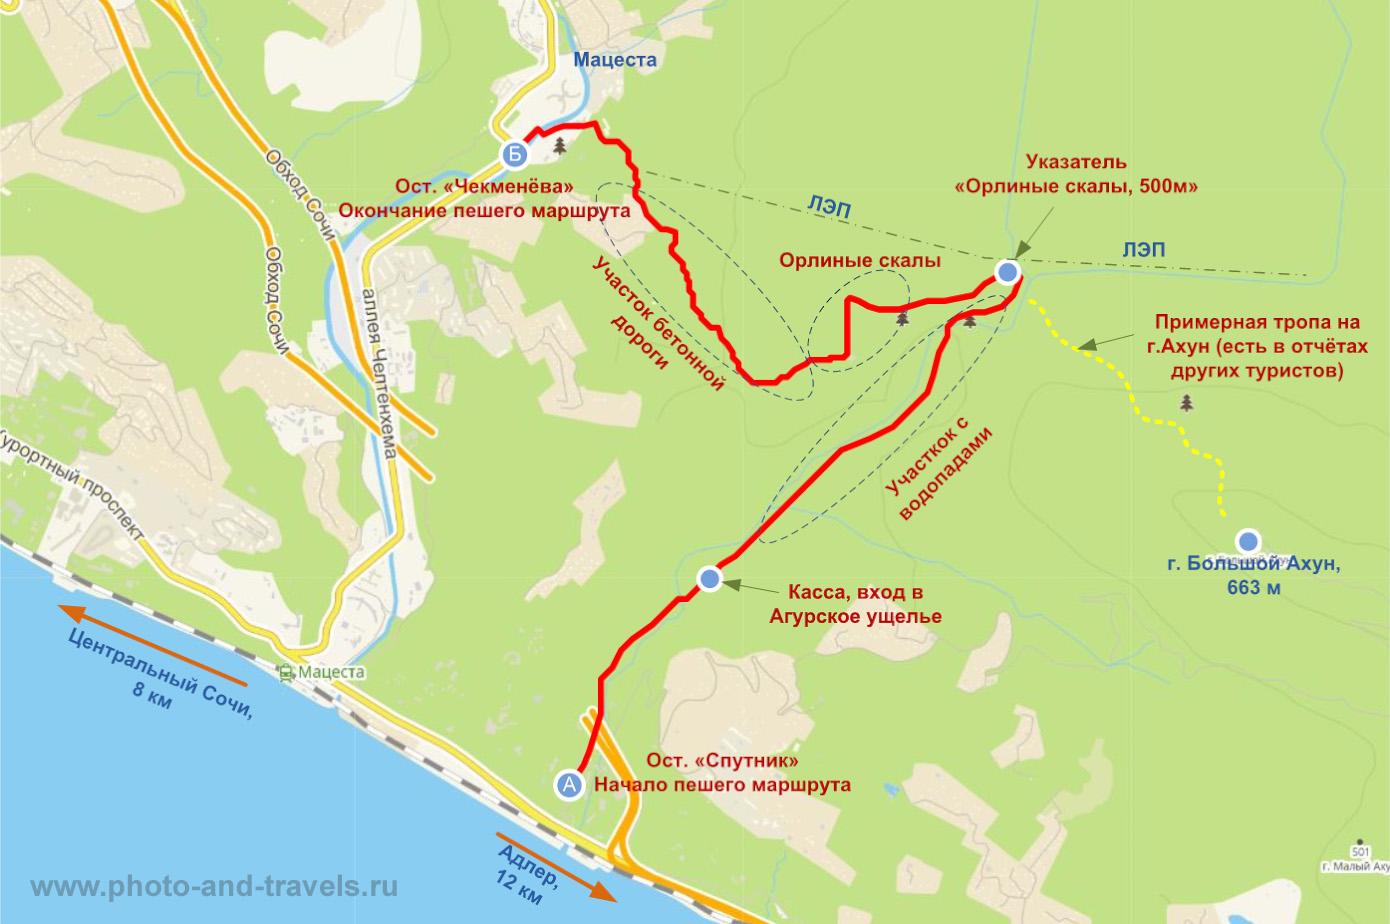 Карта пешеходного маршрута: «Агурские водопады – Орлиные скалы», протяжённость около 7,5 км.